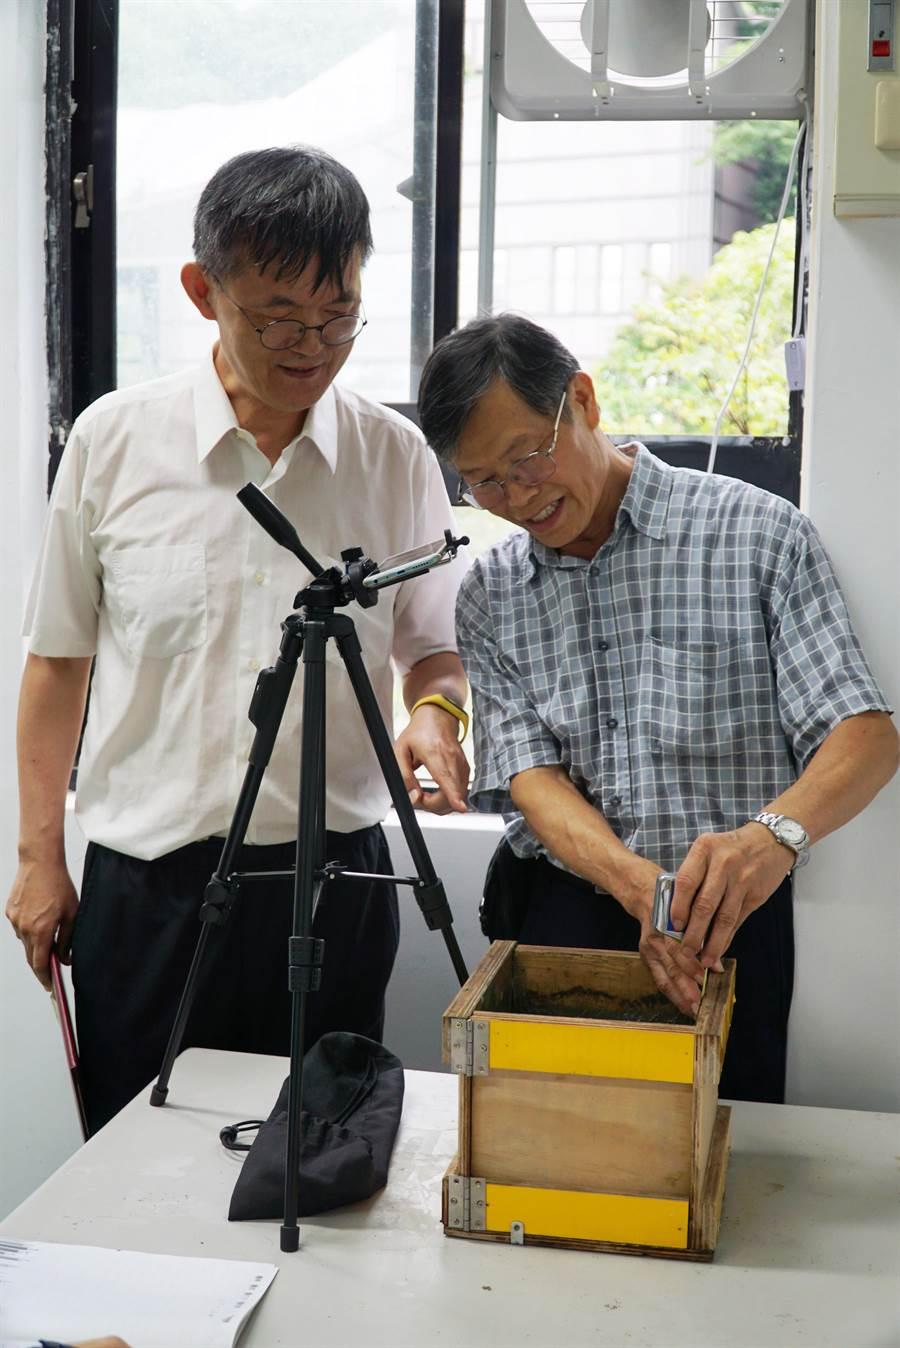 大葉大學工工系主任鄧志堅(左)指導博士生林騰萱(右)做實驗。(謝瓊雲翻攝)